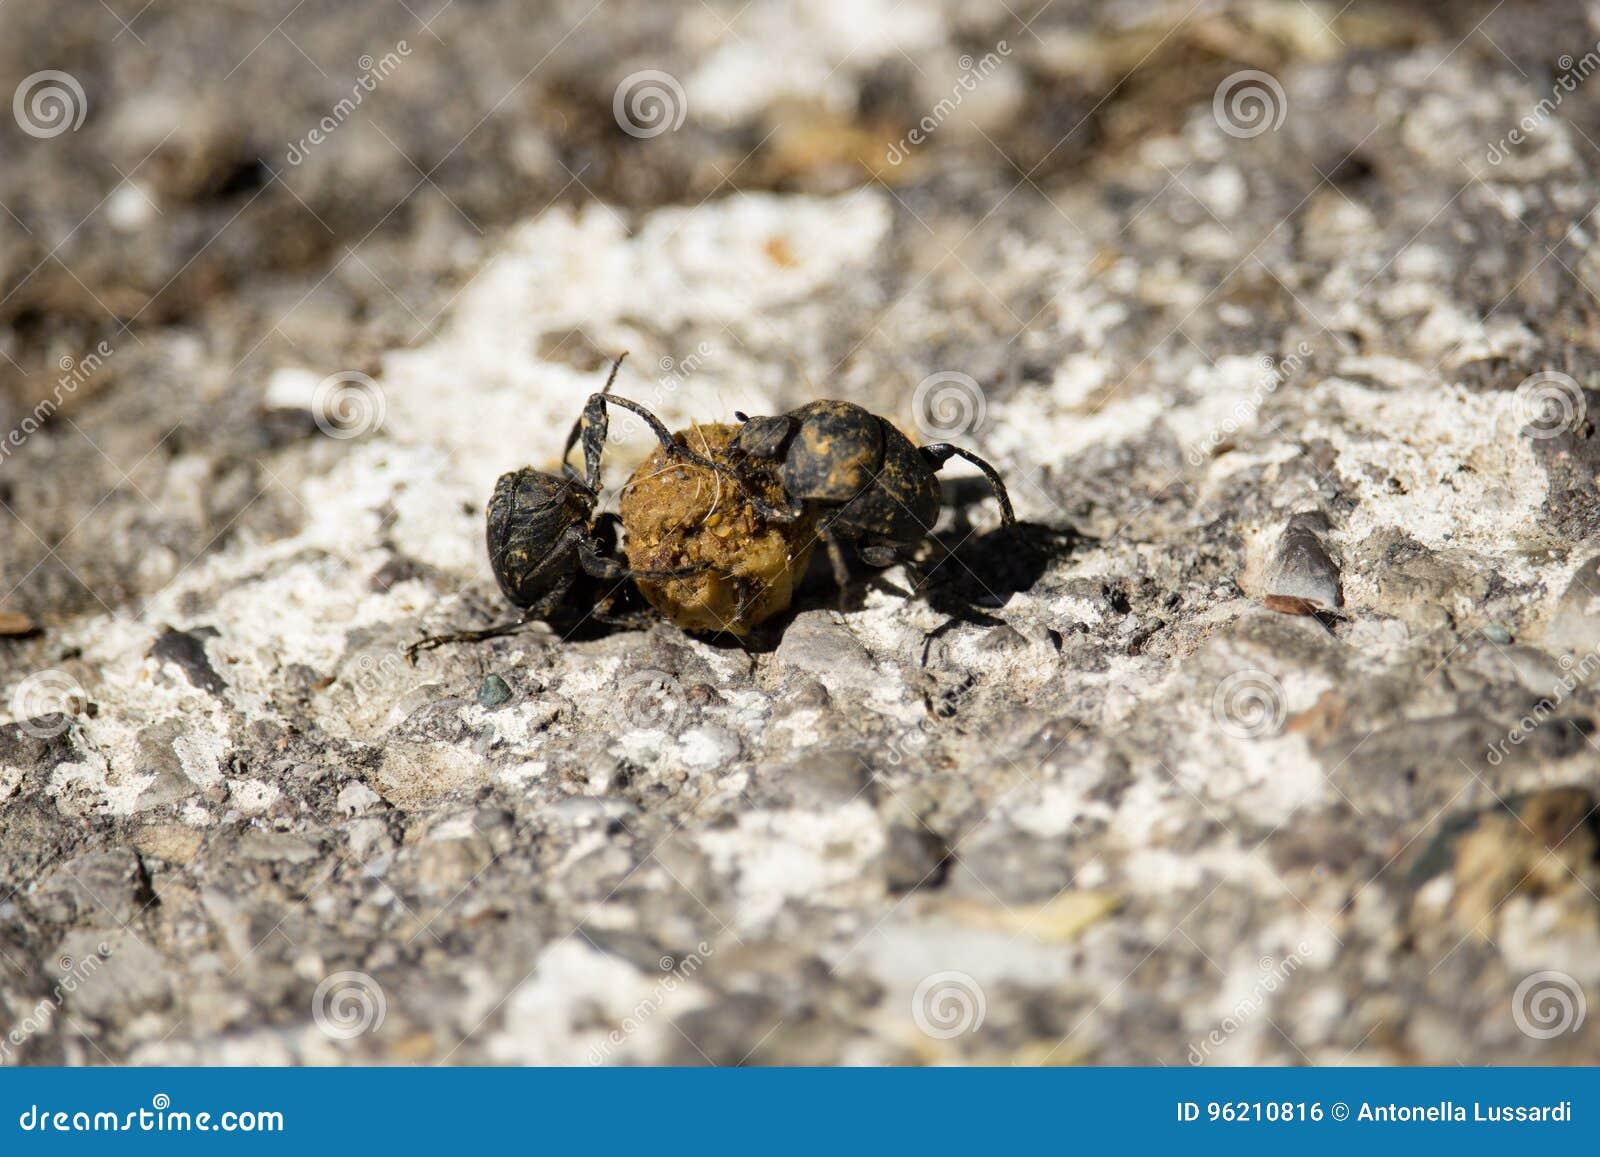 Besouros de estrume